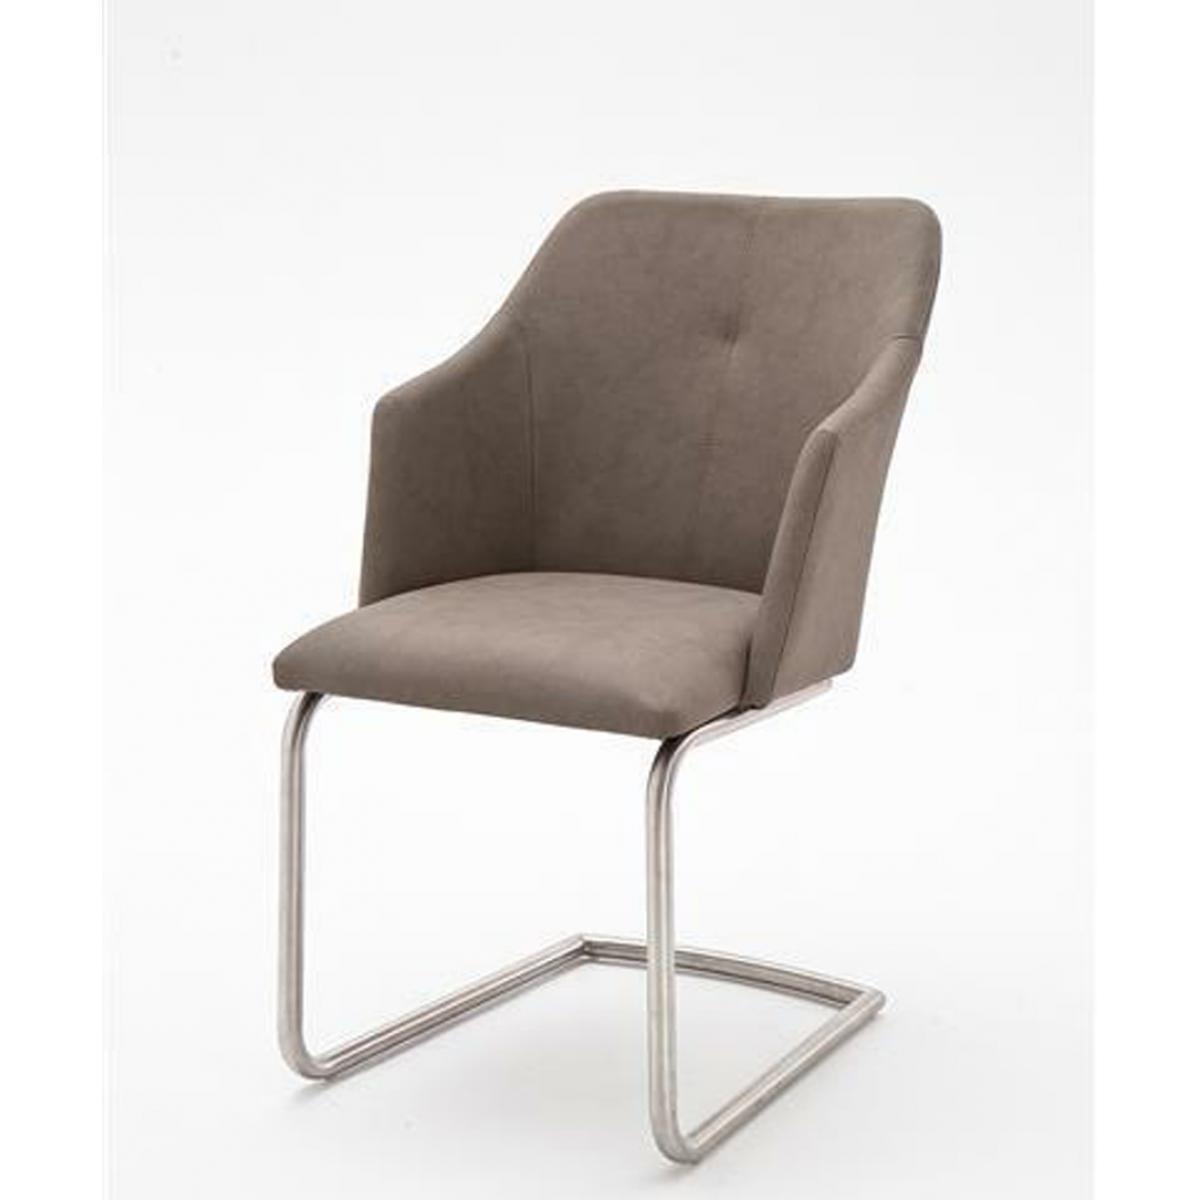 Pegane Lot de 2 chaises de salle à manger en acier et similicuir taupe - L.54 x H.88 x P.62 cm -PEGANE-